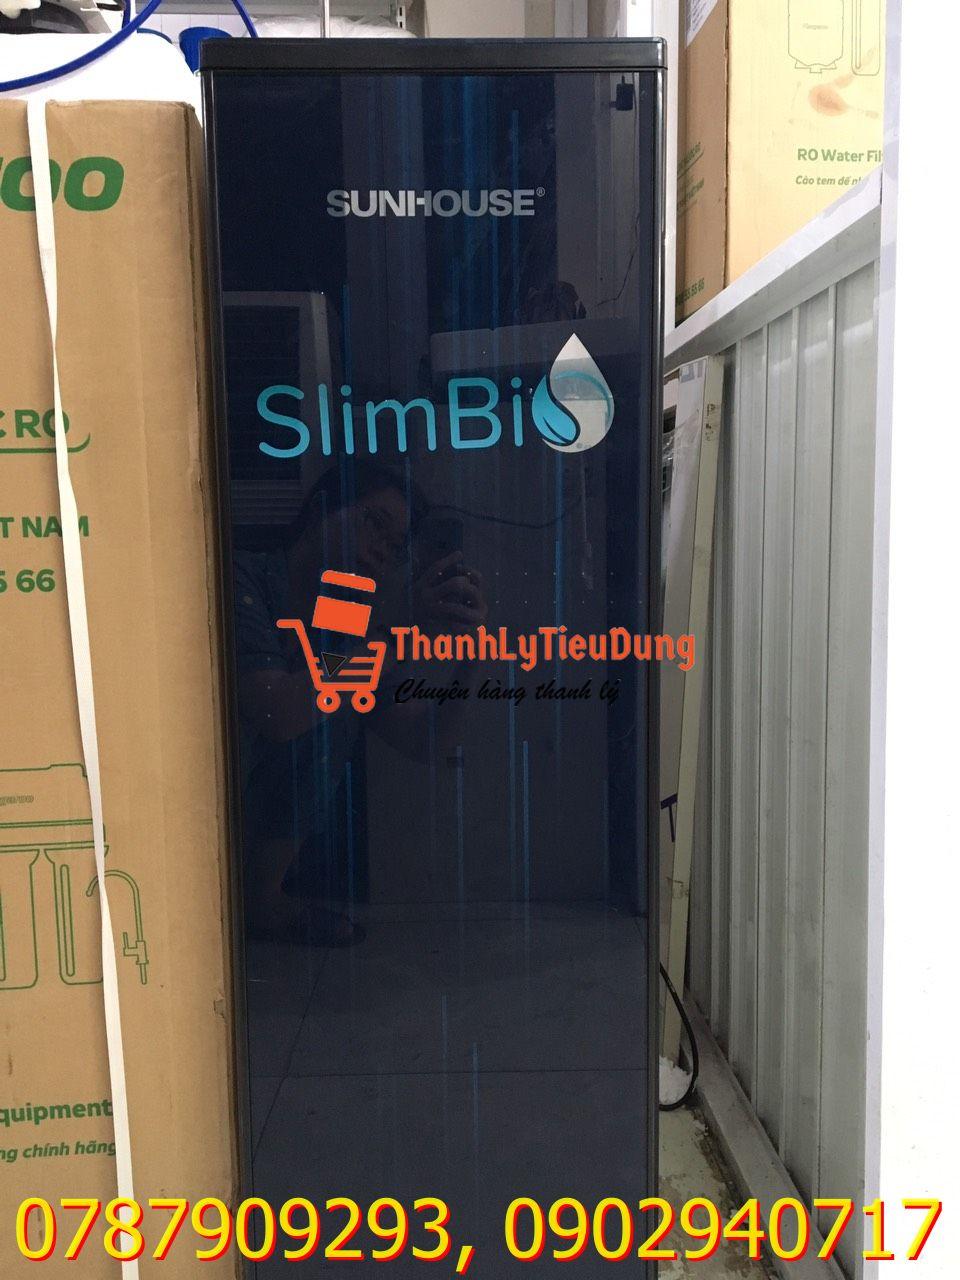 Máy lọc nước RO nóng lạnh Sunhouse SHA76213CK 10 lõi - HÀNG TRƯNG BÀY